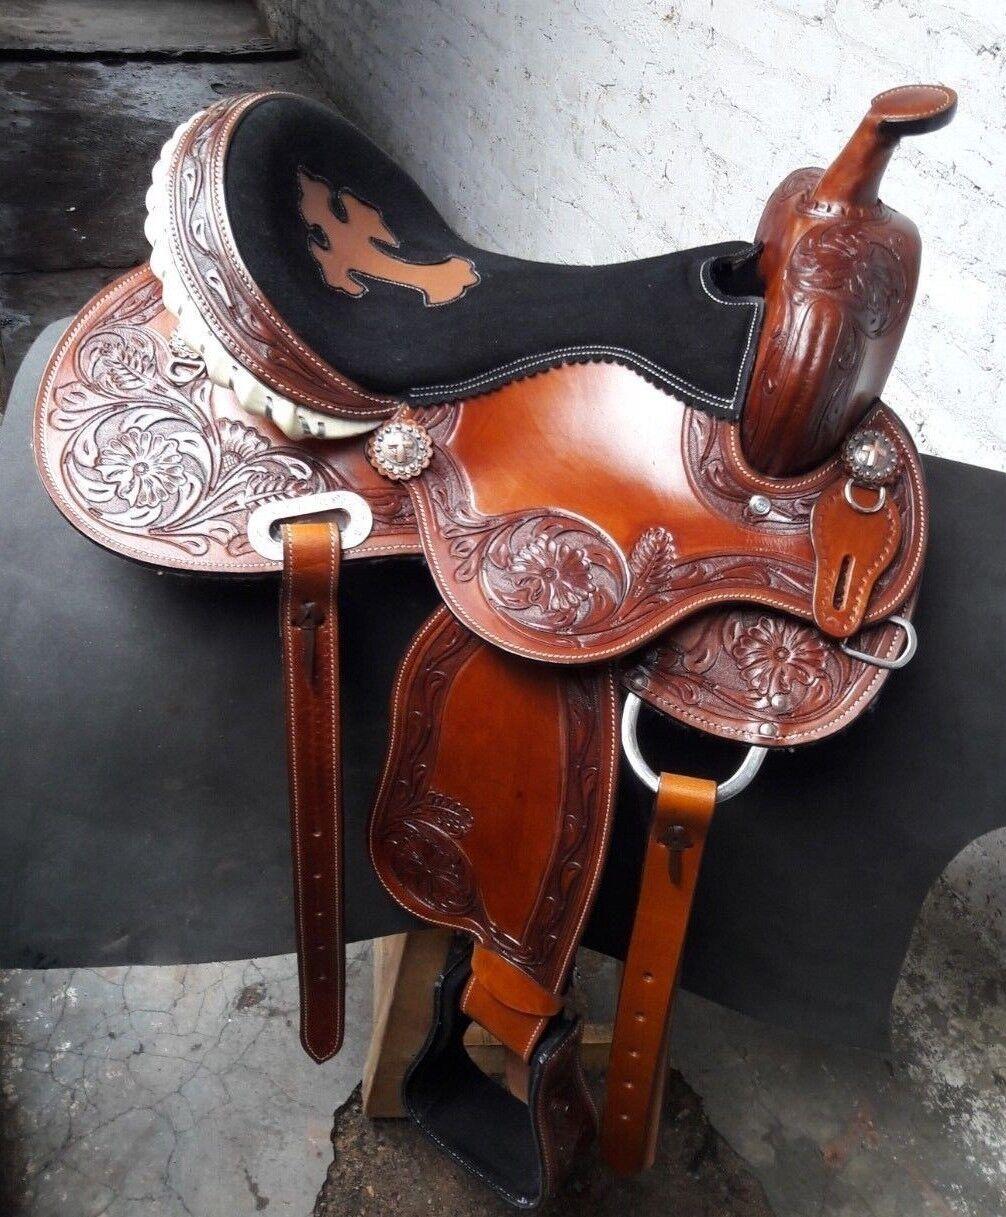 Western saddle barrel  racing Style Saddle  beautiful